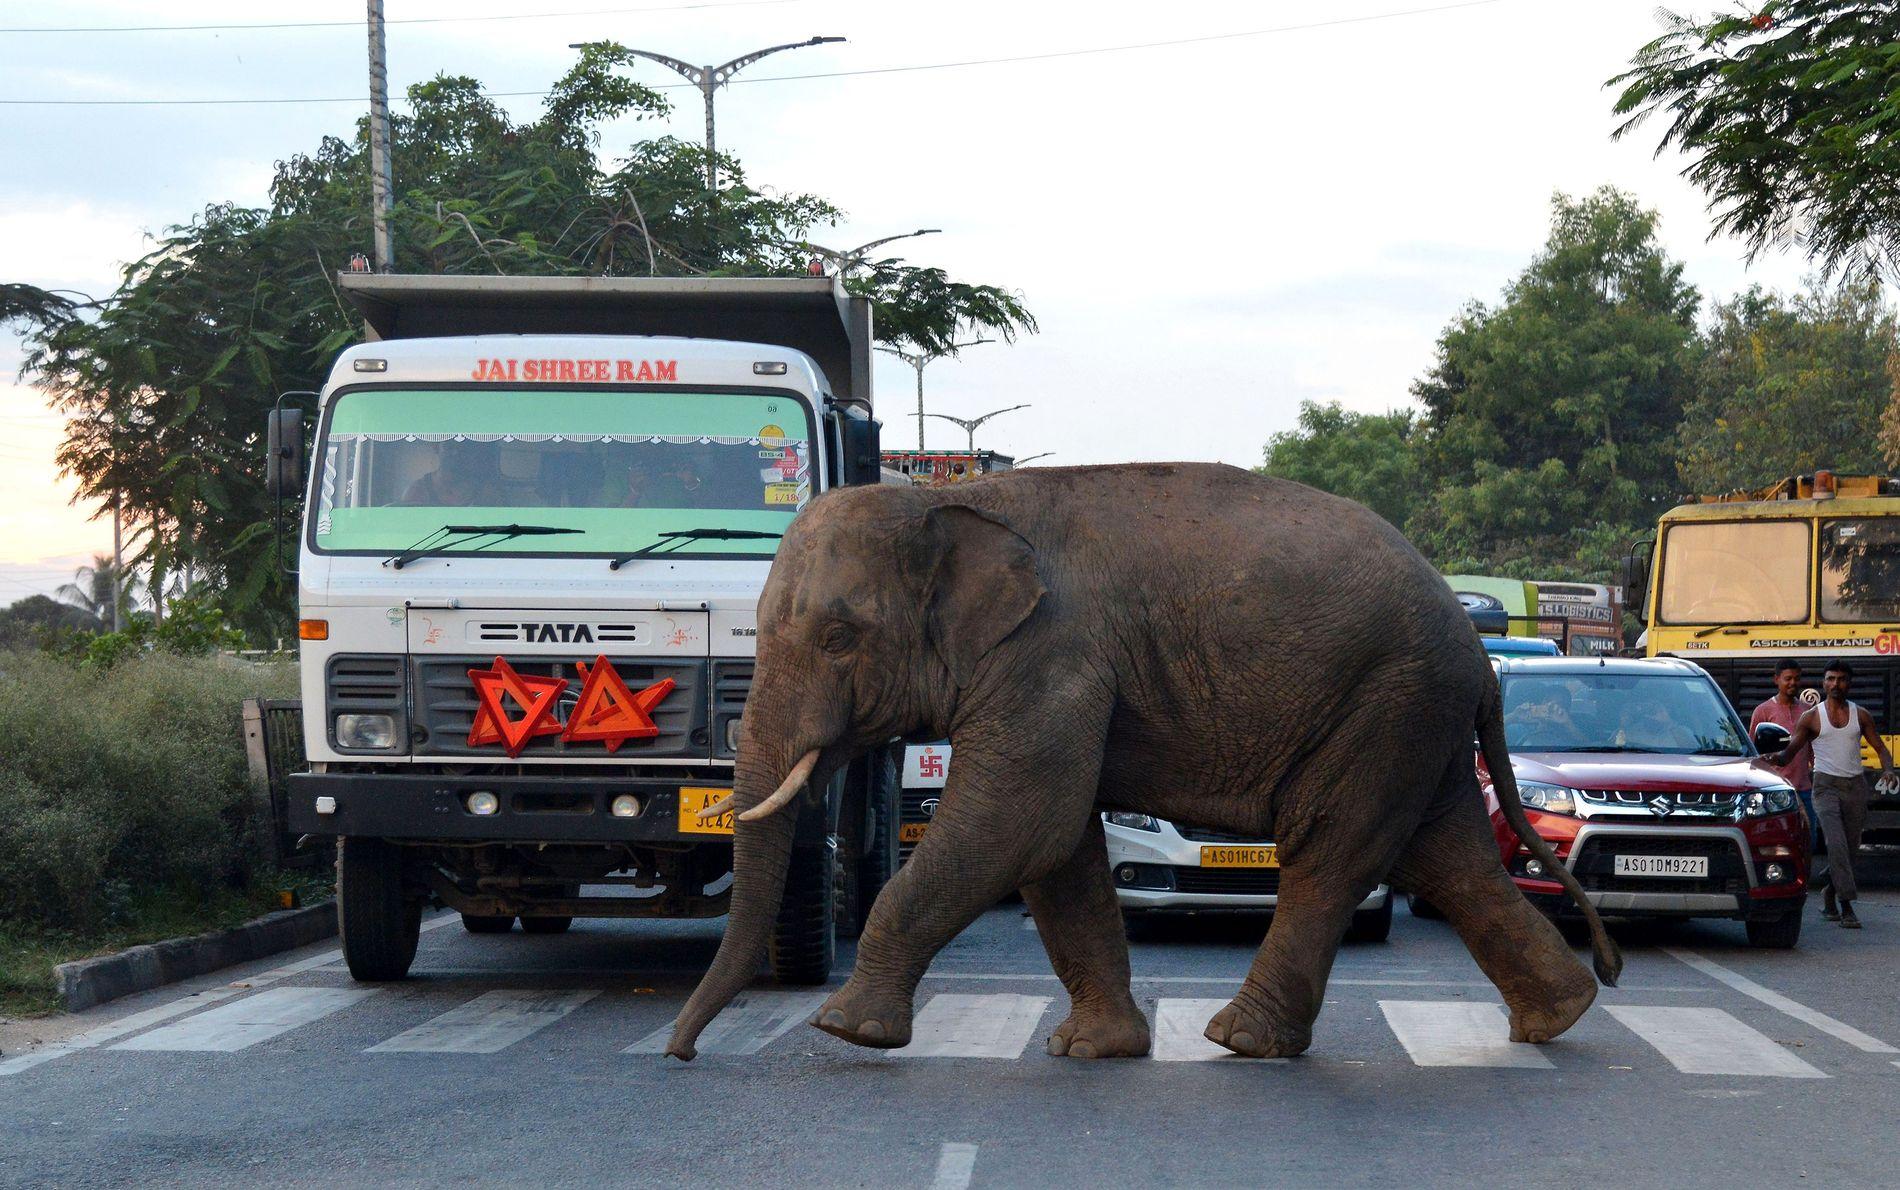 MYK TRAFIFANT: Bilene måtte pent stoppe for den lovlydige elefanten.